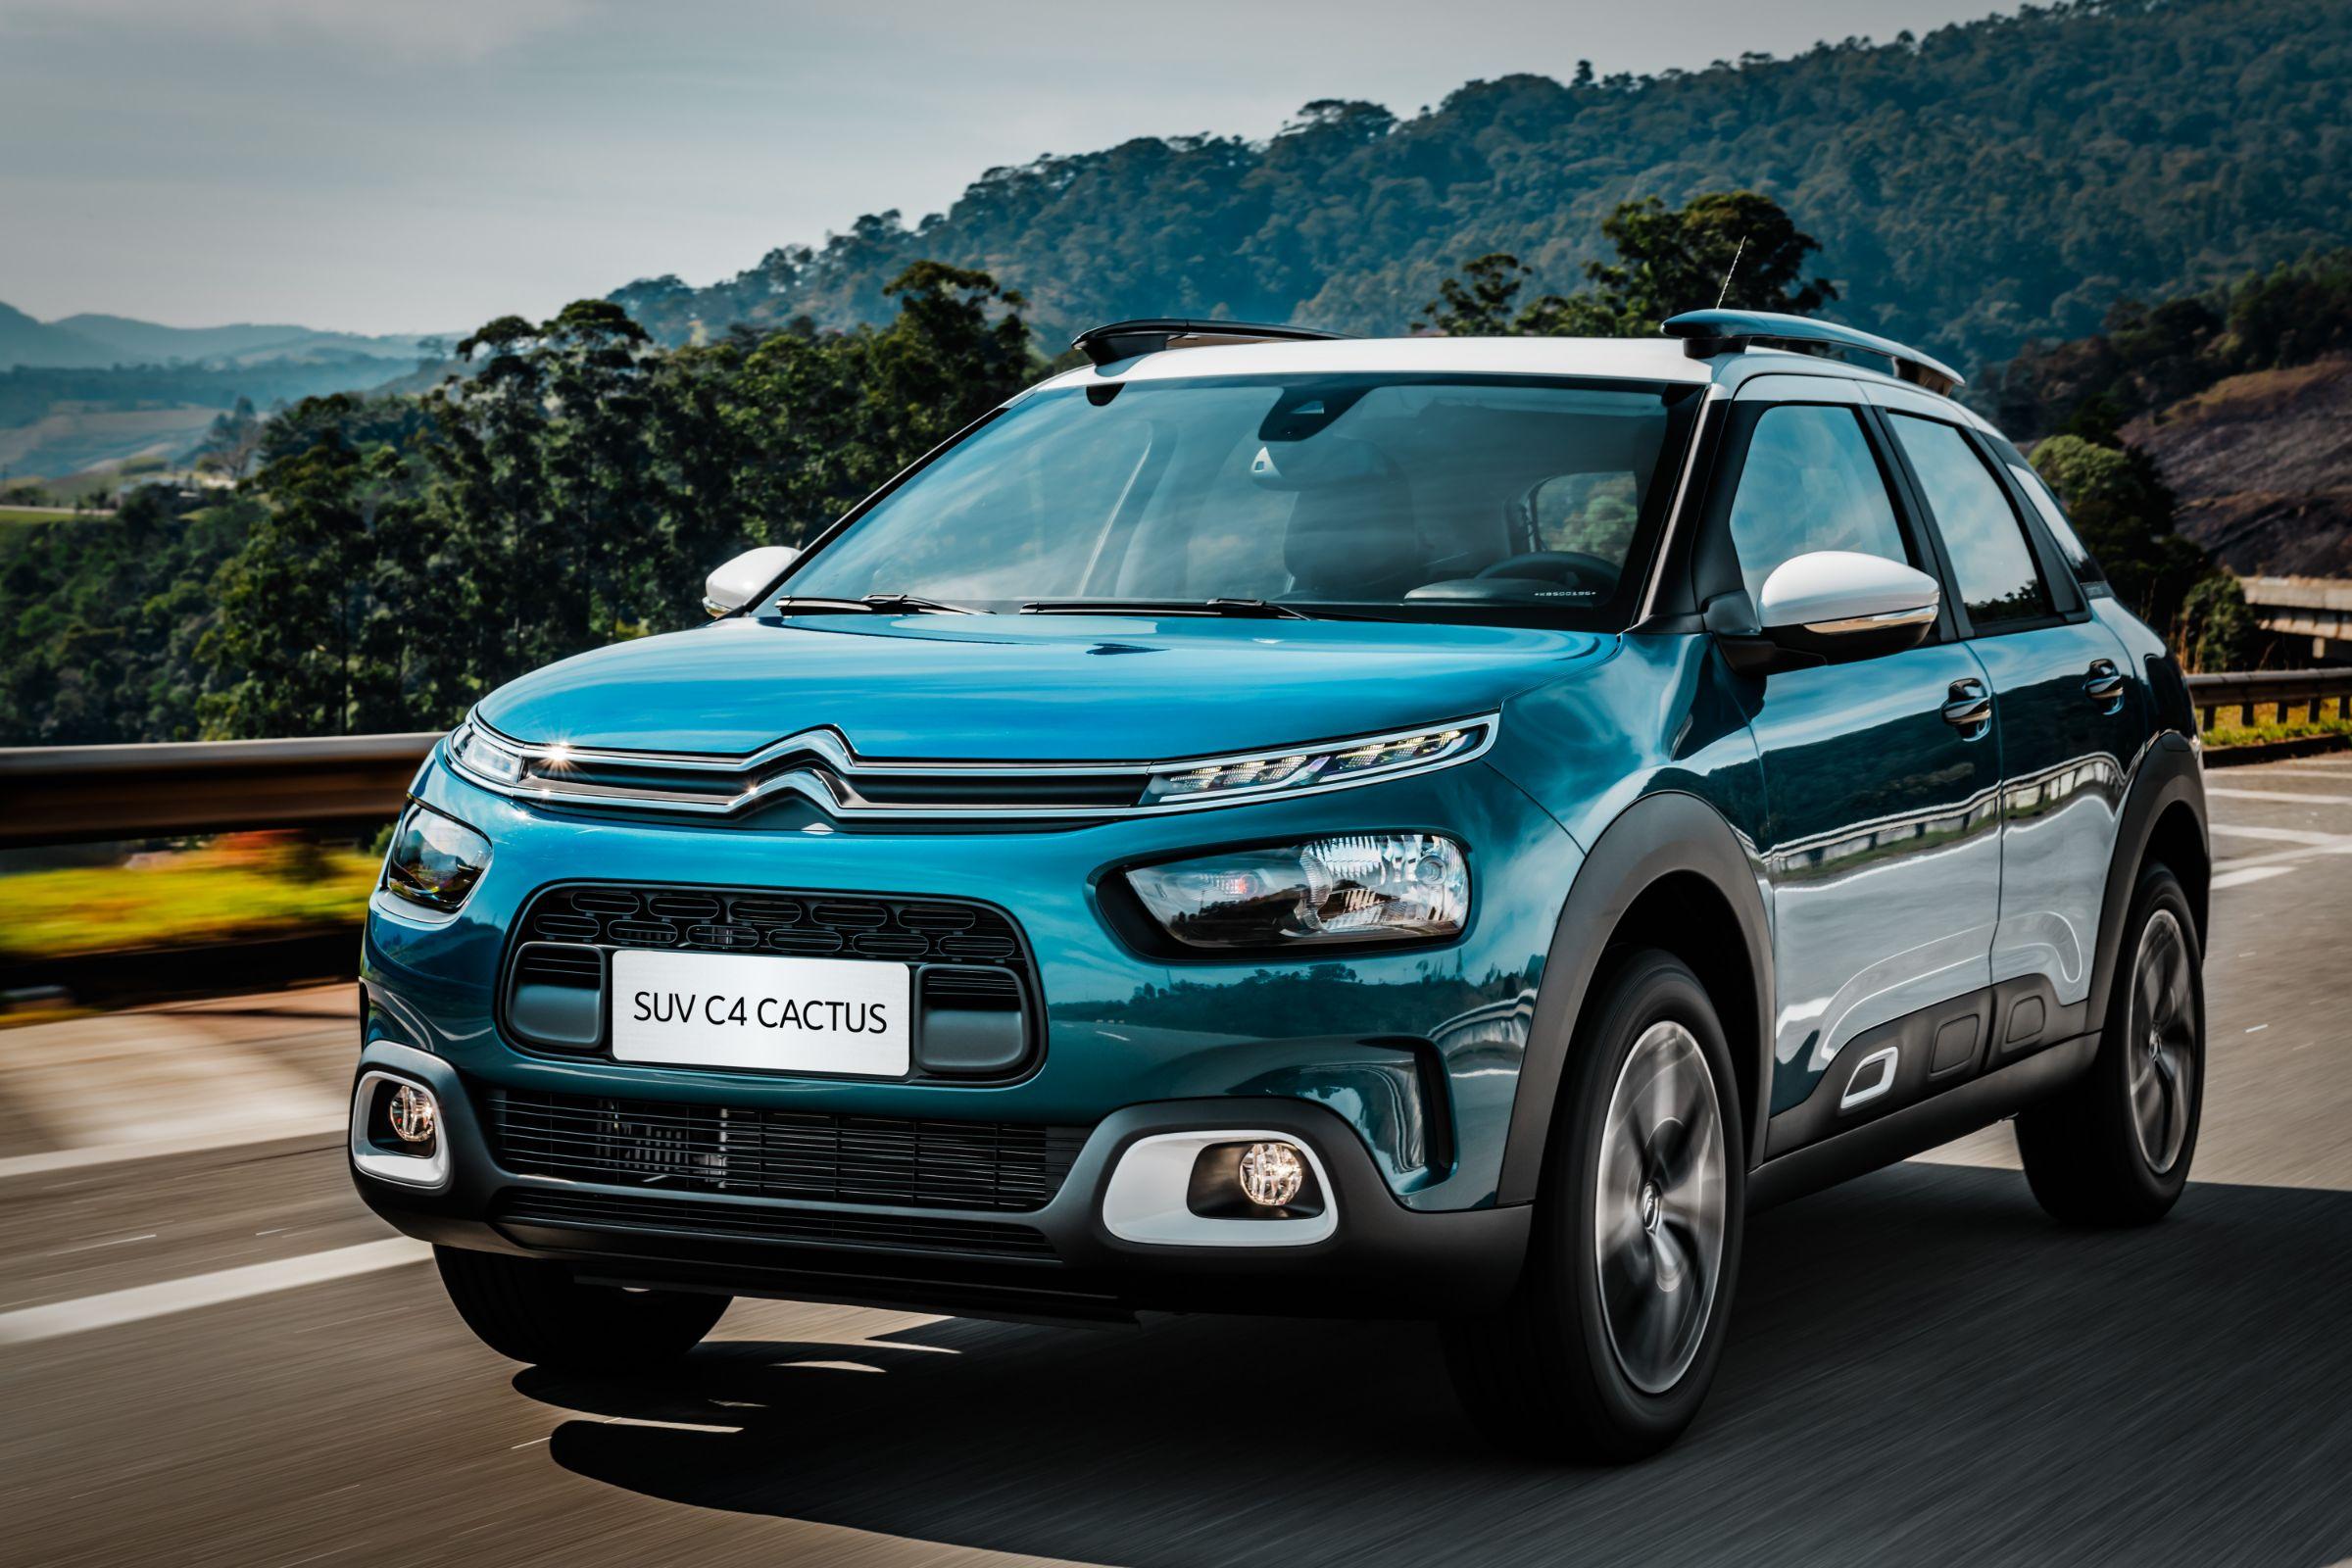 [Impressões] Citroën C4 Cactus Feel tem boa dirigibilidade